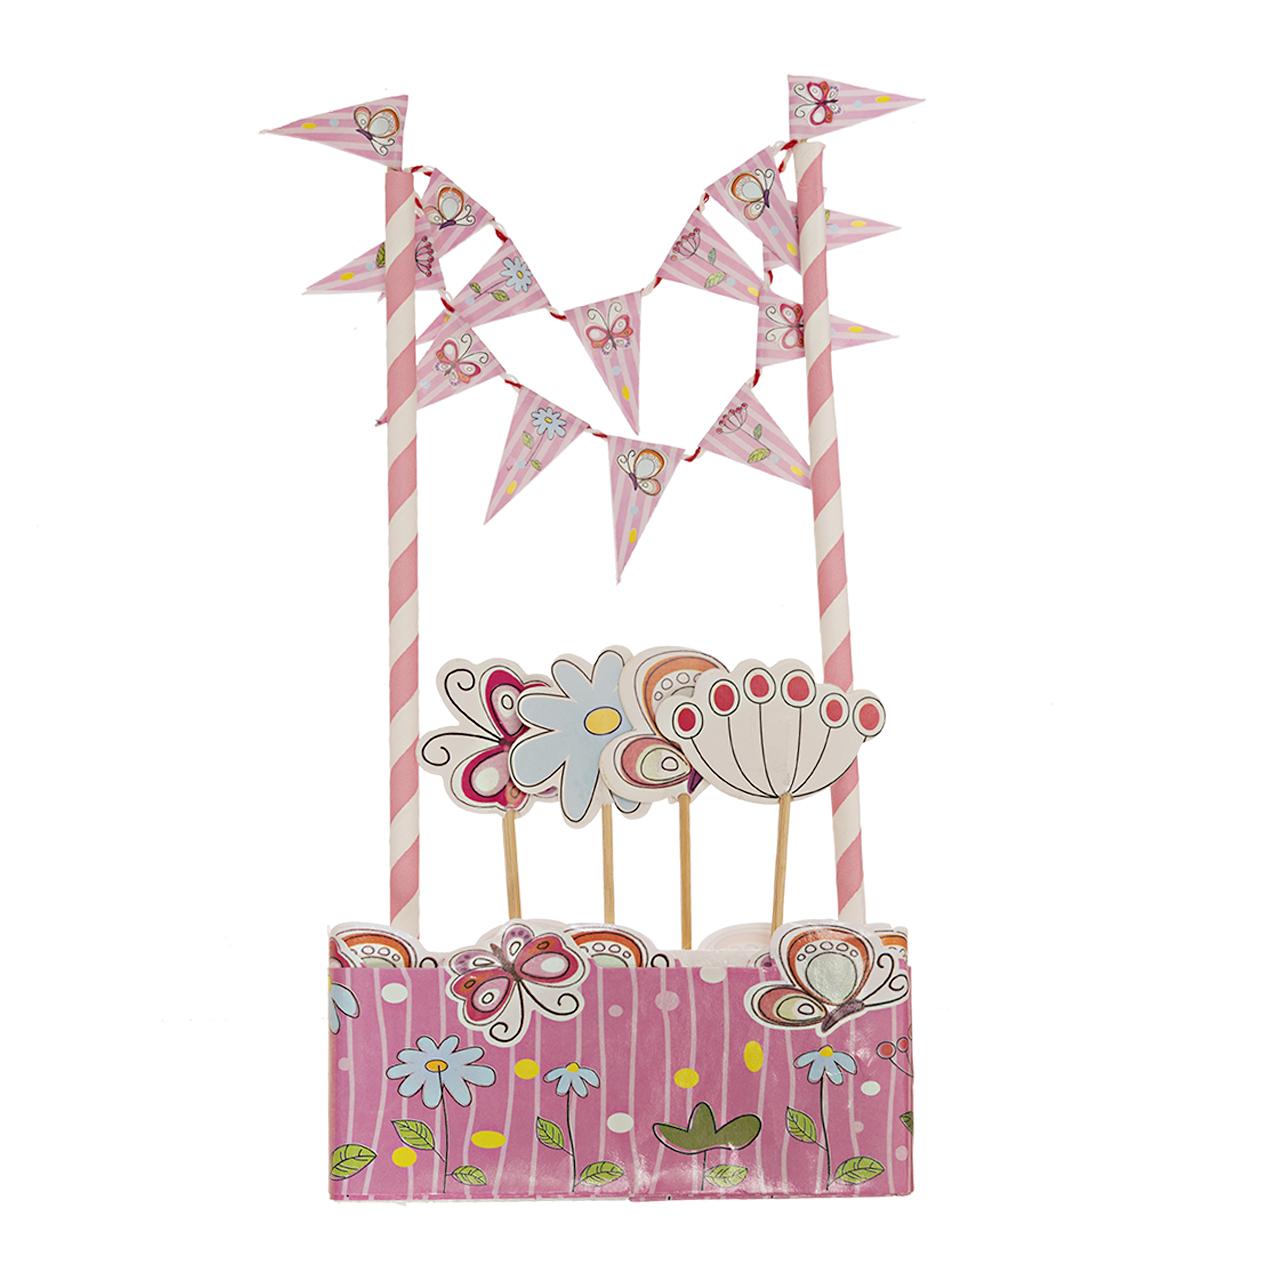 تاپر کیک مدل گل و پروانه کد m 470